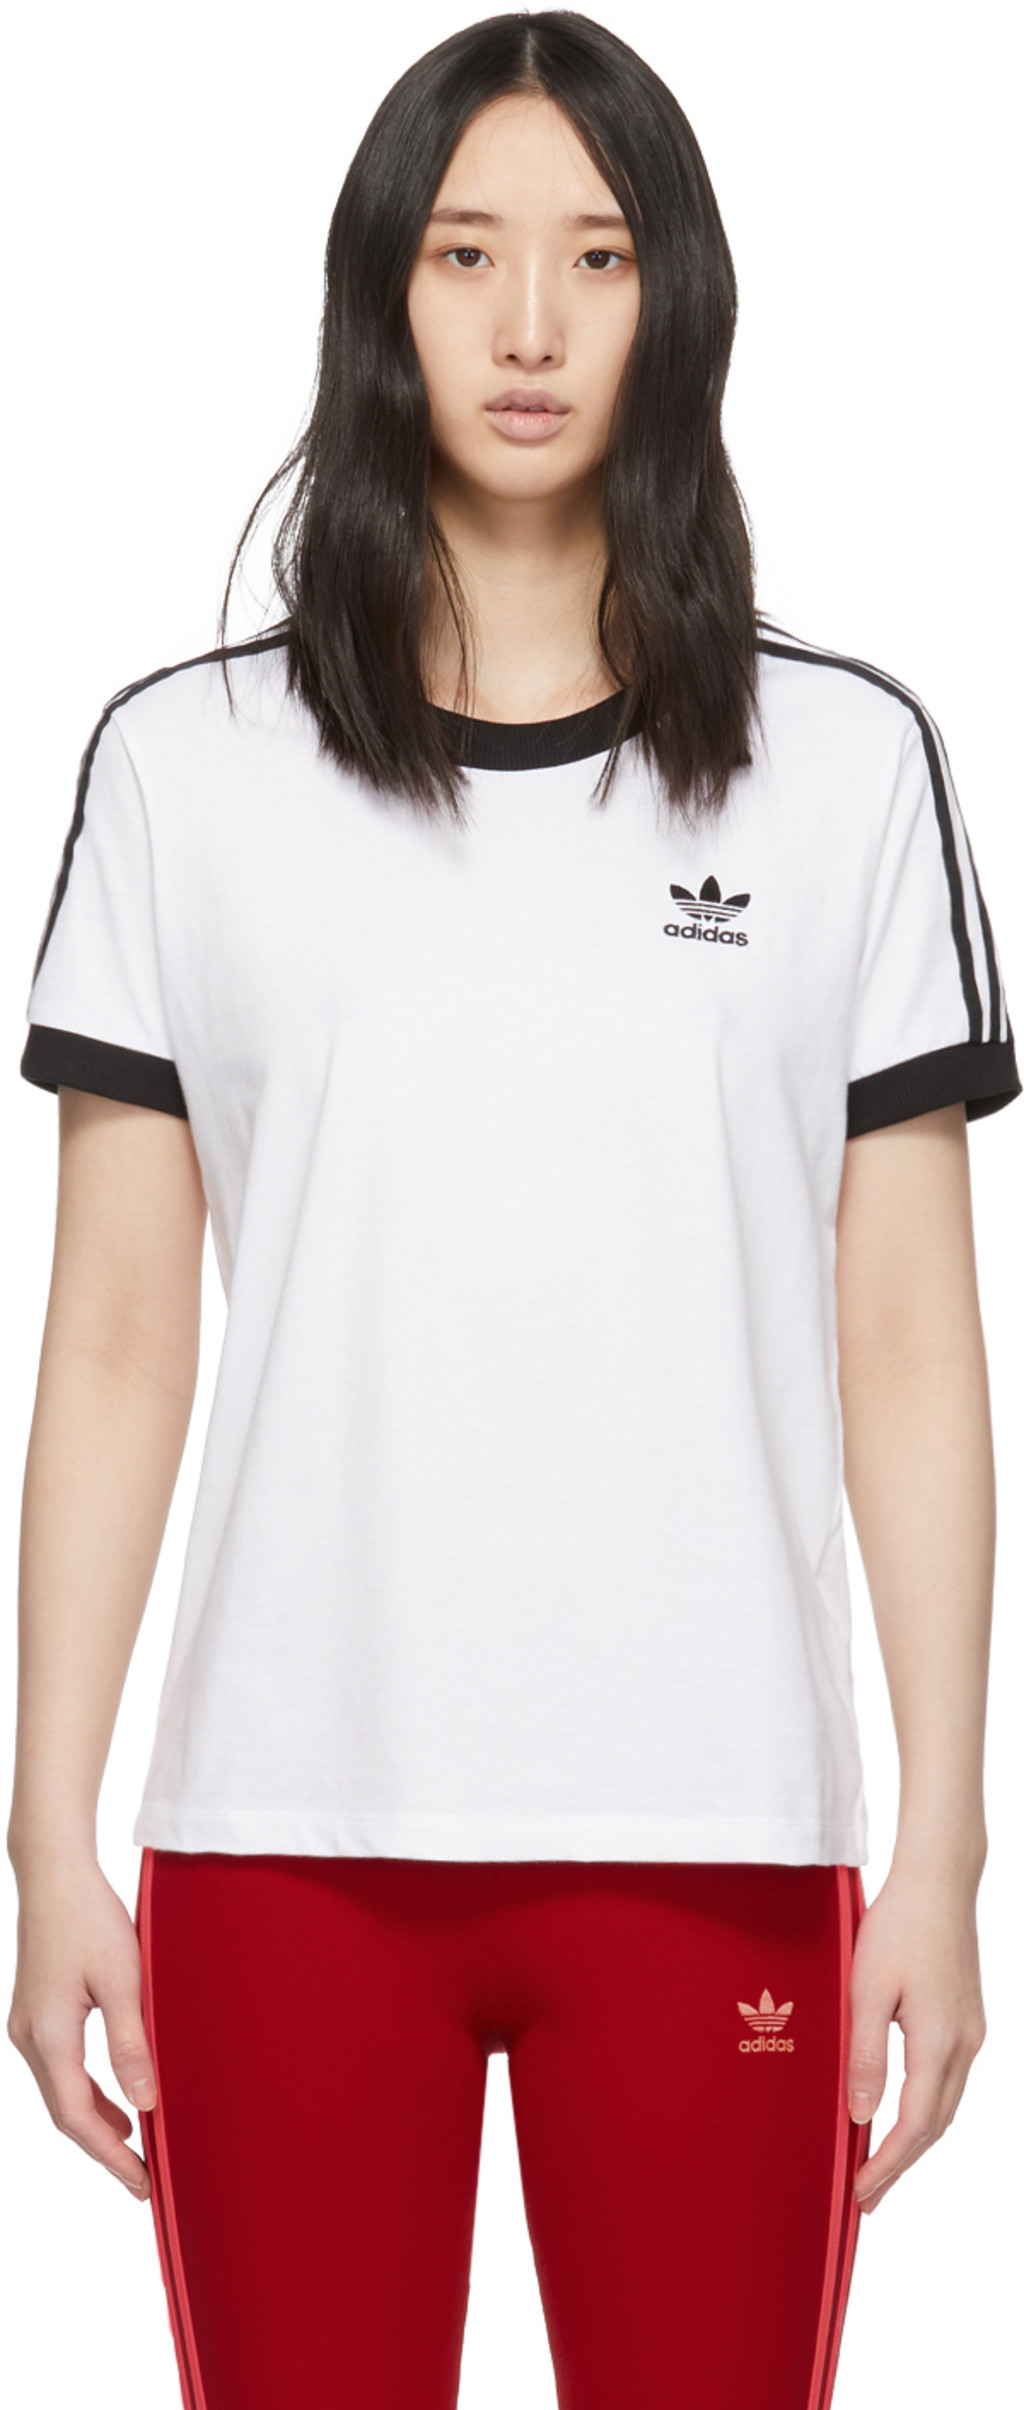 cd65a6190a White 3-Stripes T-Shirt